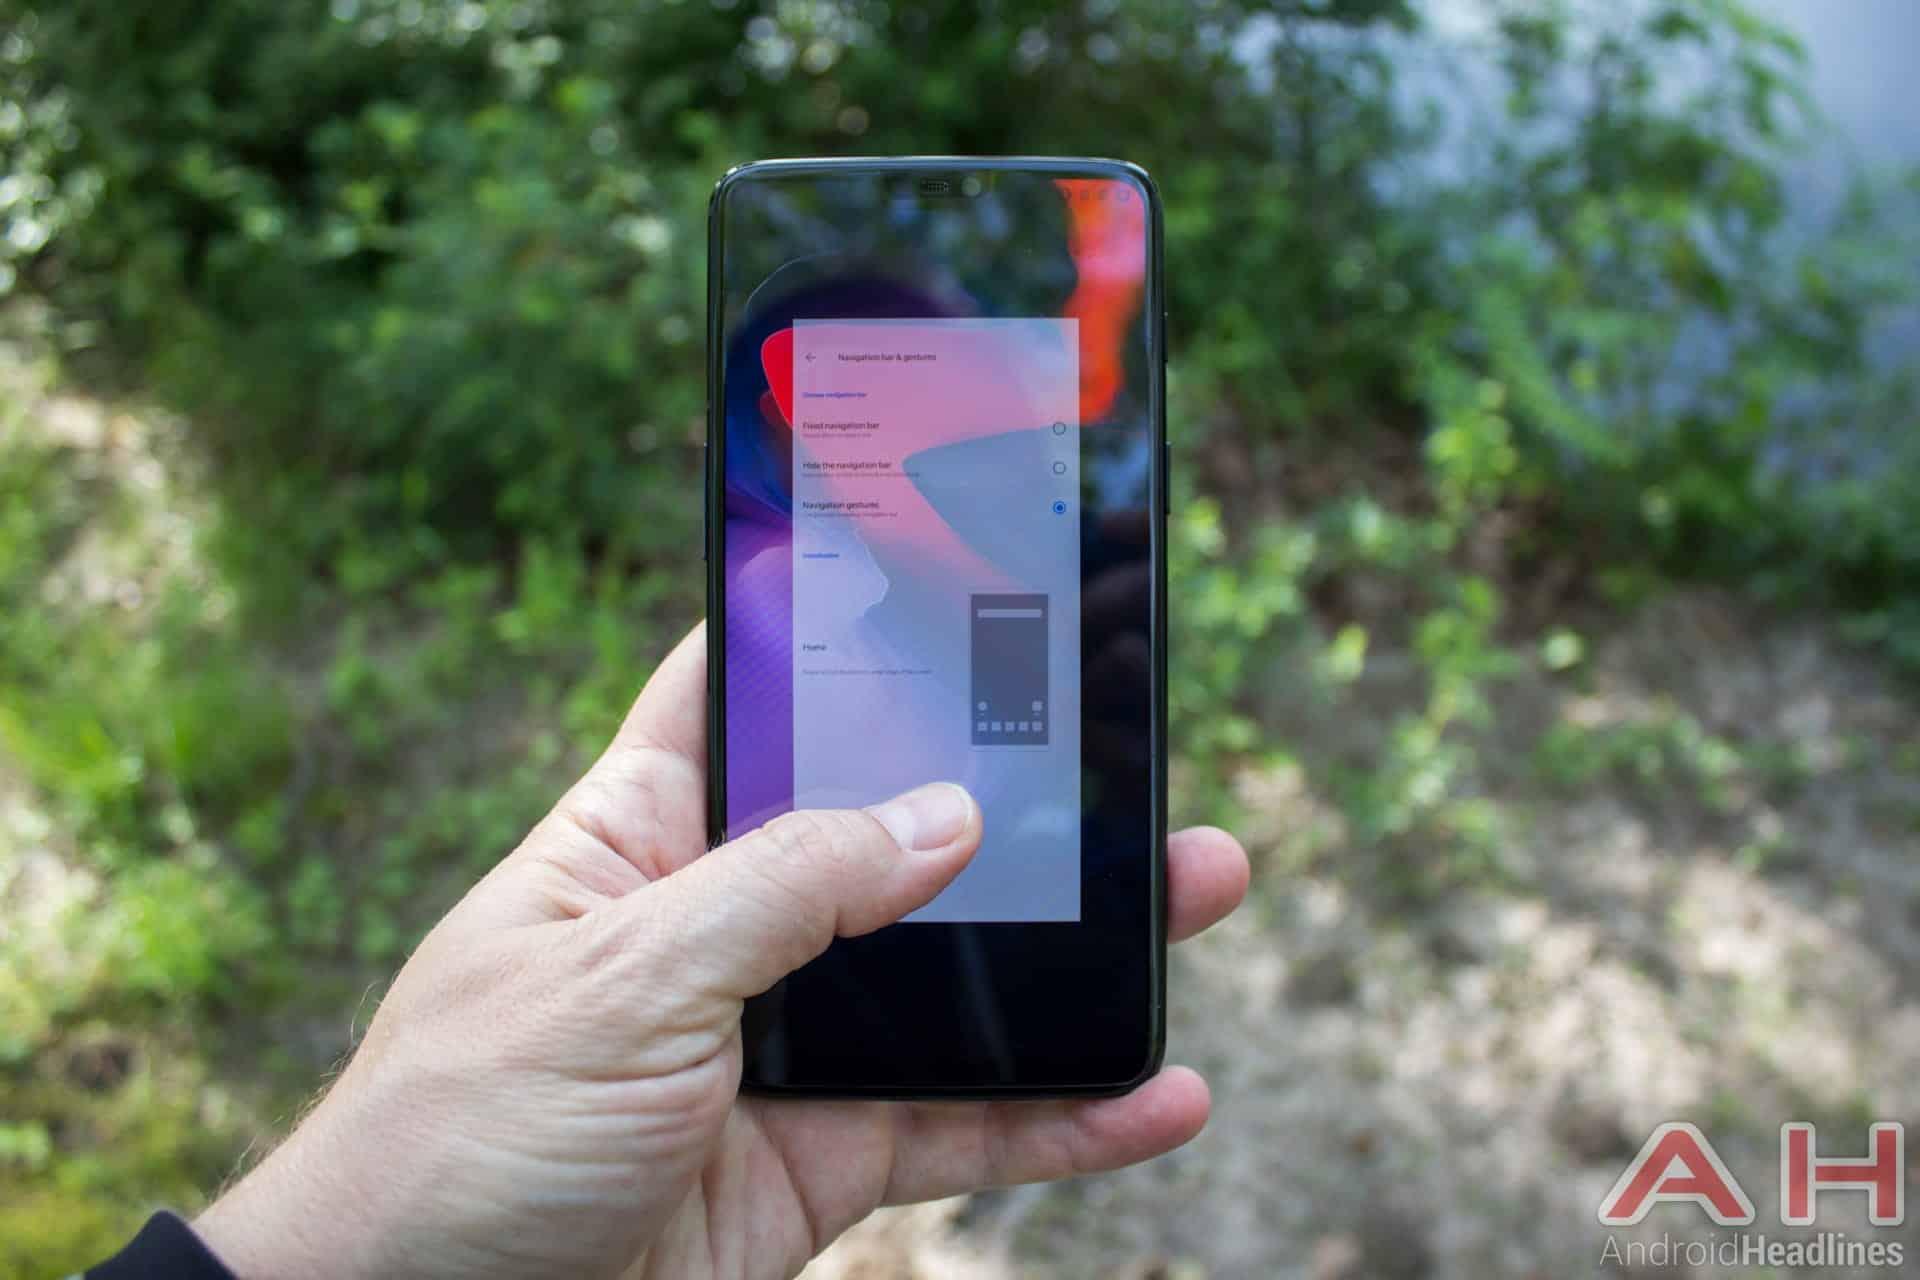 OnePlus 6 AH NS 63 gestures